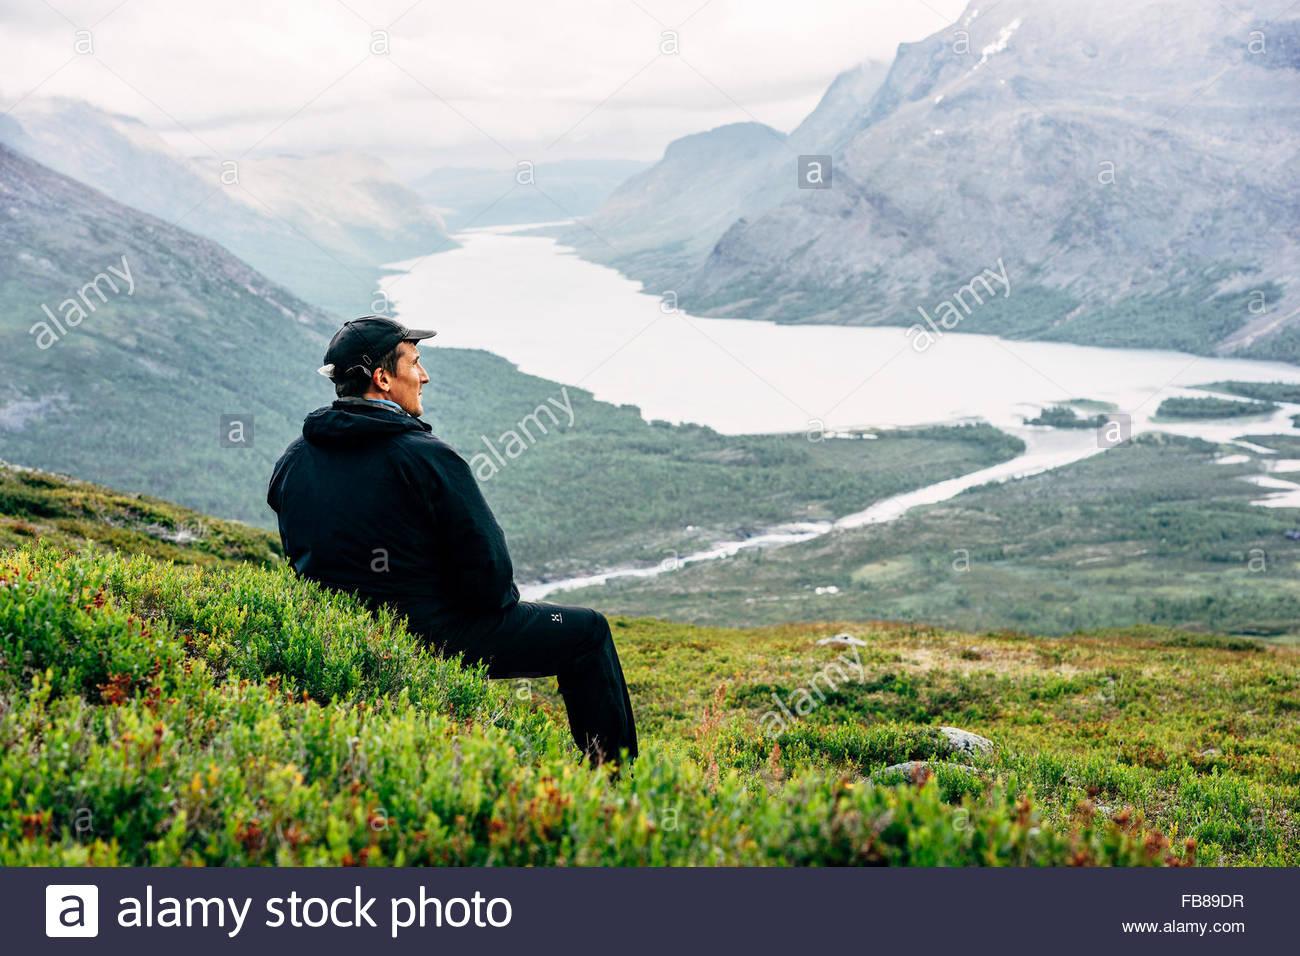 Schweden, Lappland, Kaitumjaure, Kungsleden, männliche Wanderer sitzen und mit Blick auf den Fluss im Tal Stockbild